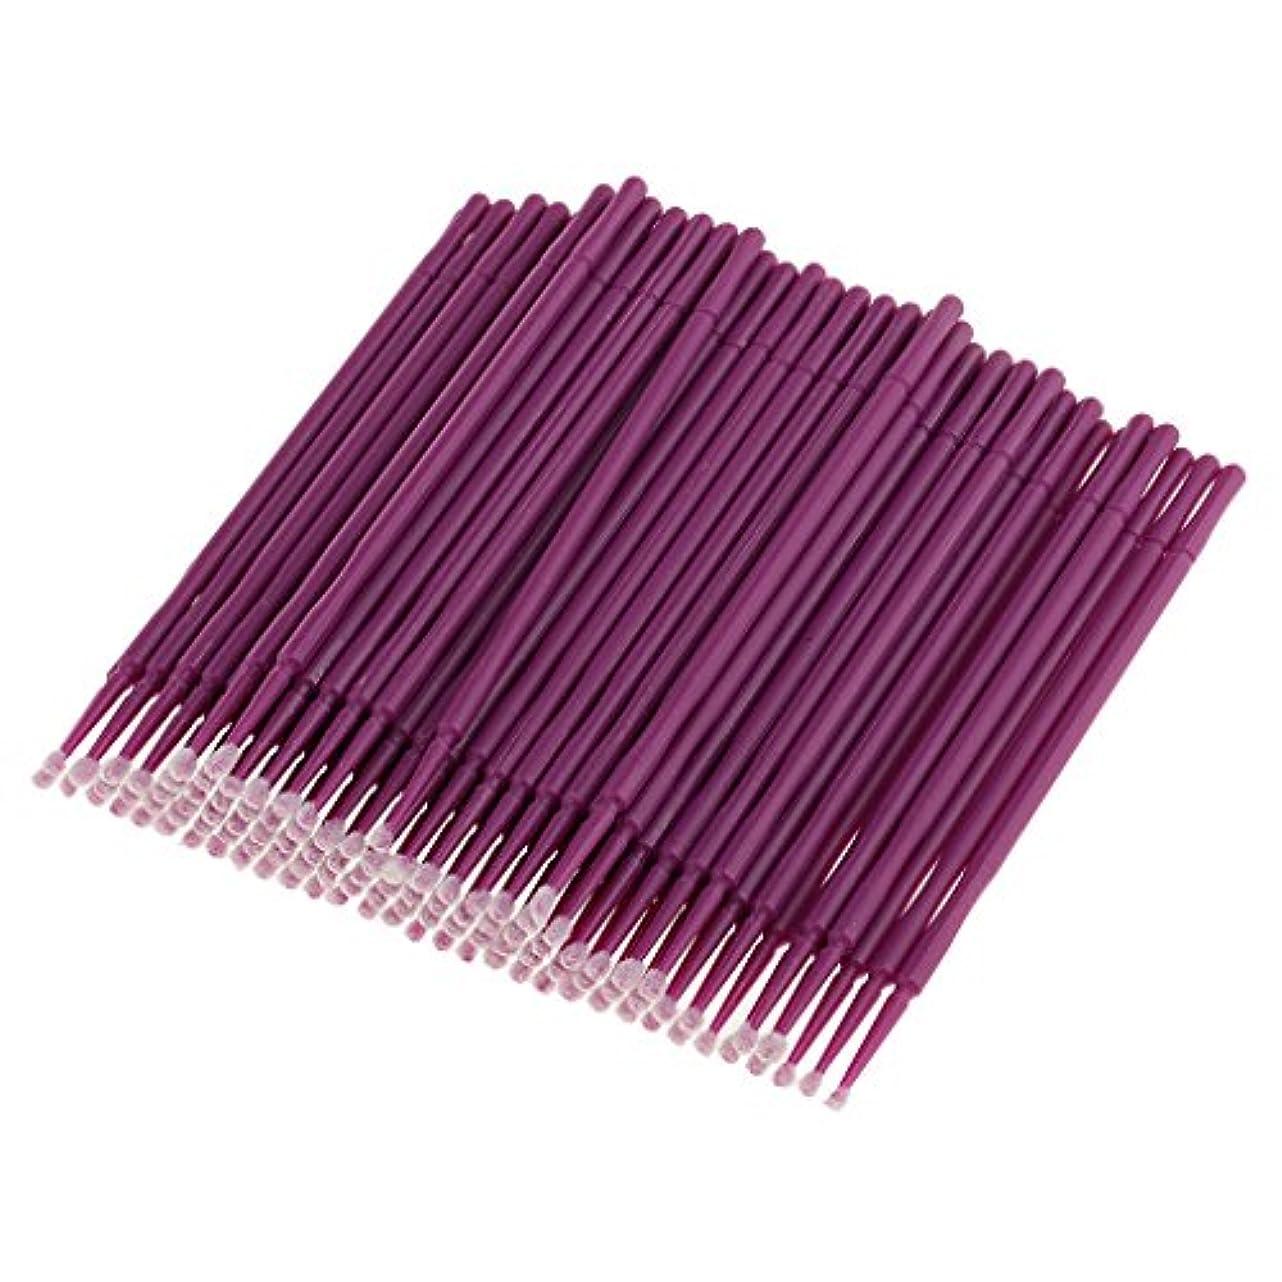 反応する黙確かなPerfk 約100本 使い捨て まつげエステ 美容用具 マイクロブラシ アプリケーター ミニヒントタイプ マスカラ パープル